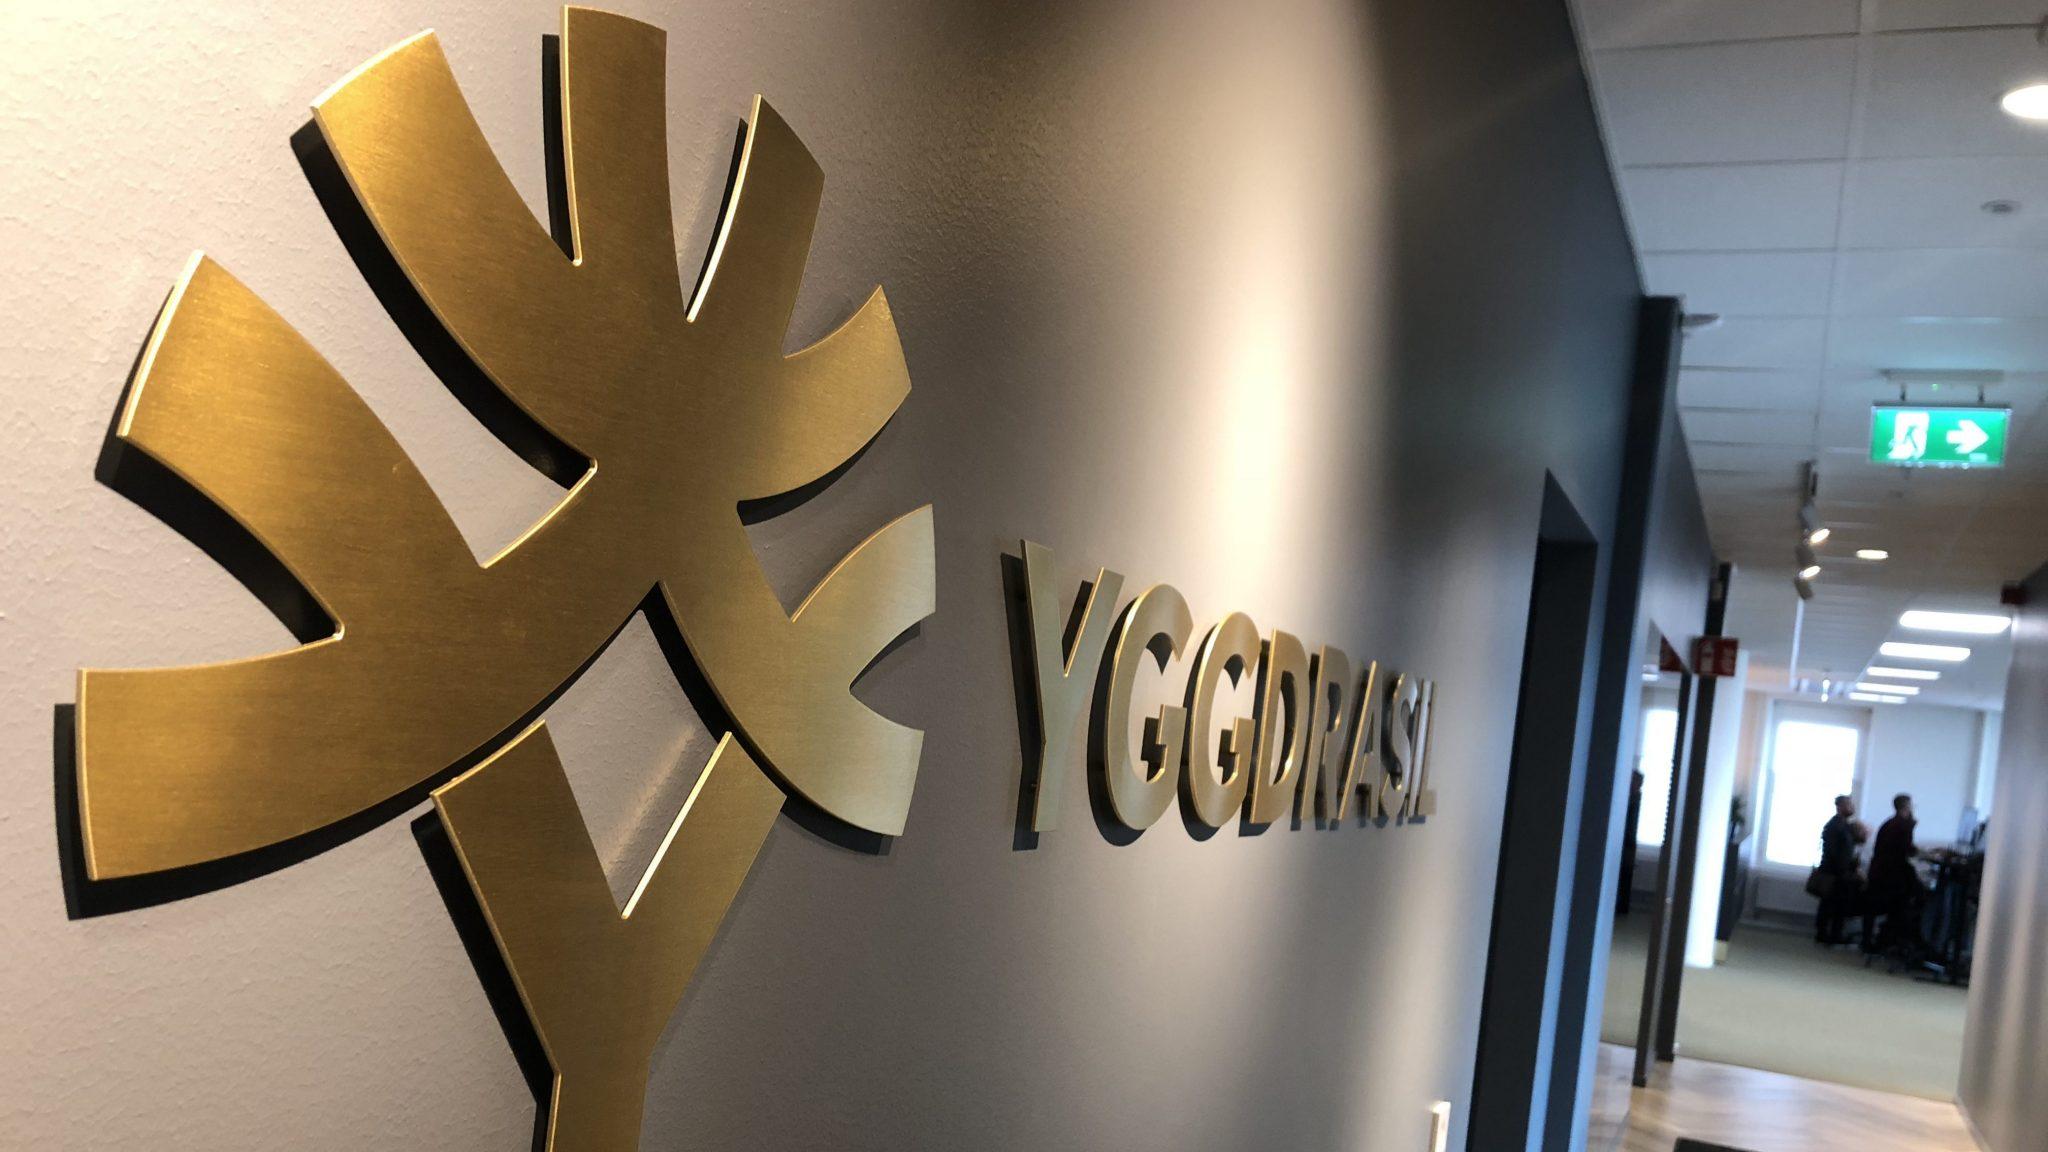 Yggdrasil Gaming Går med i Svenska Spelbranschens Riksorganisation SPER